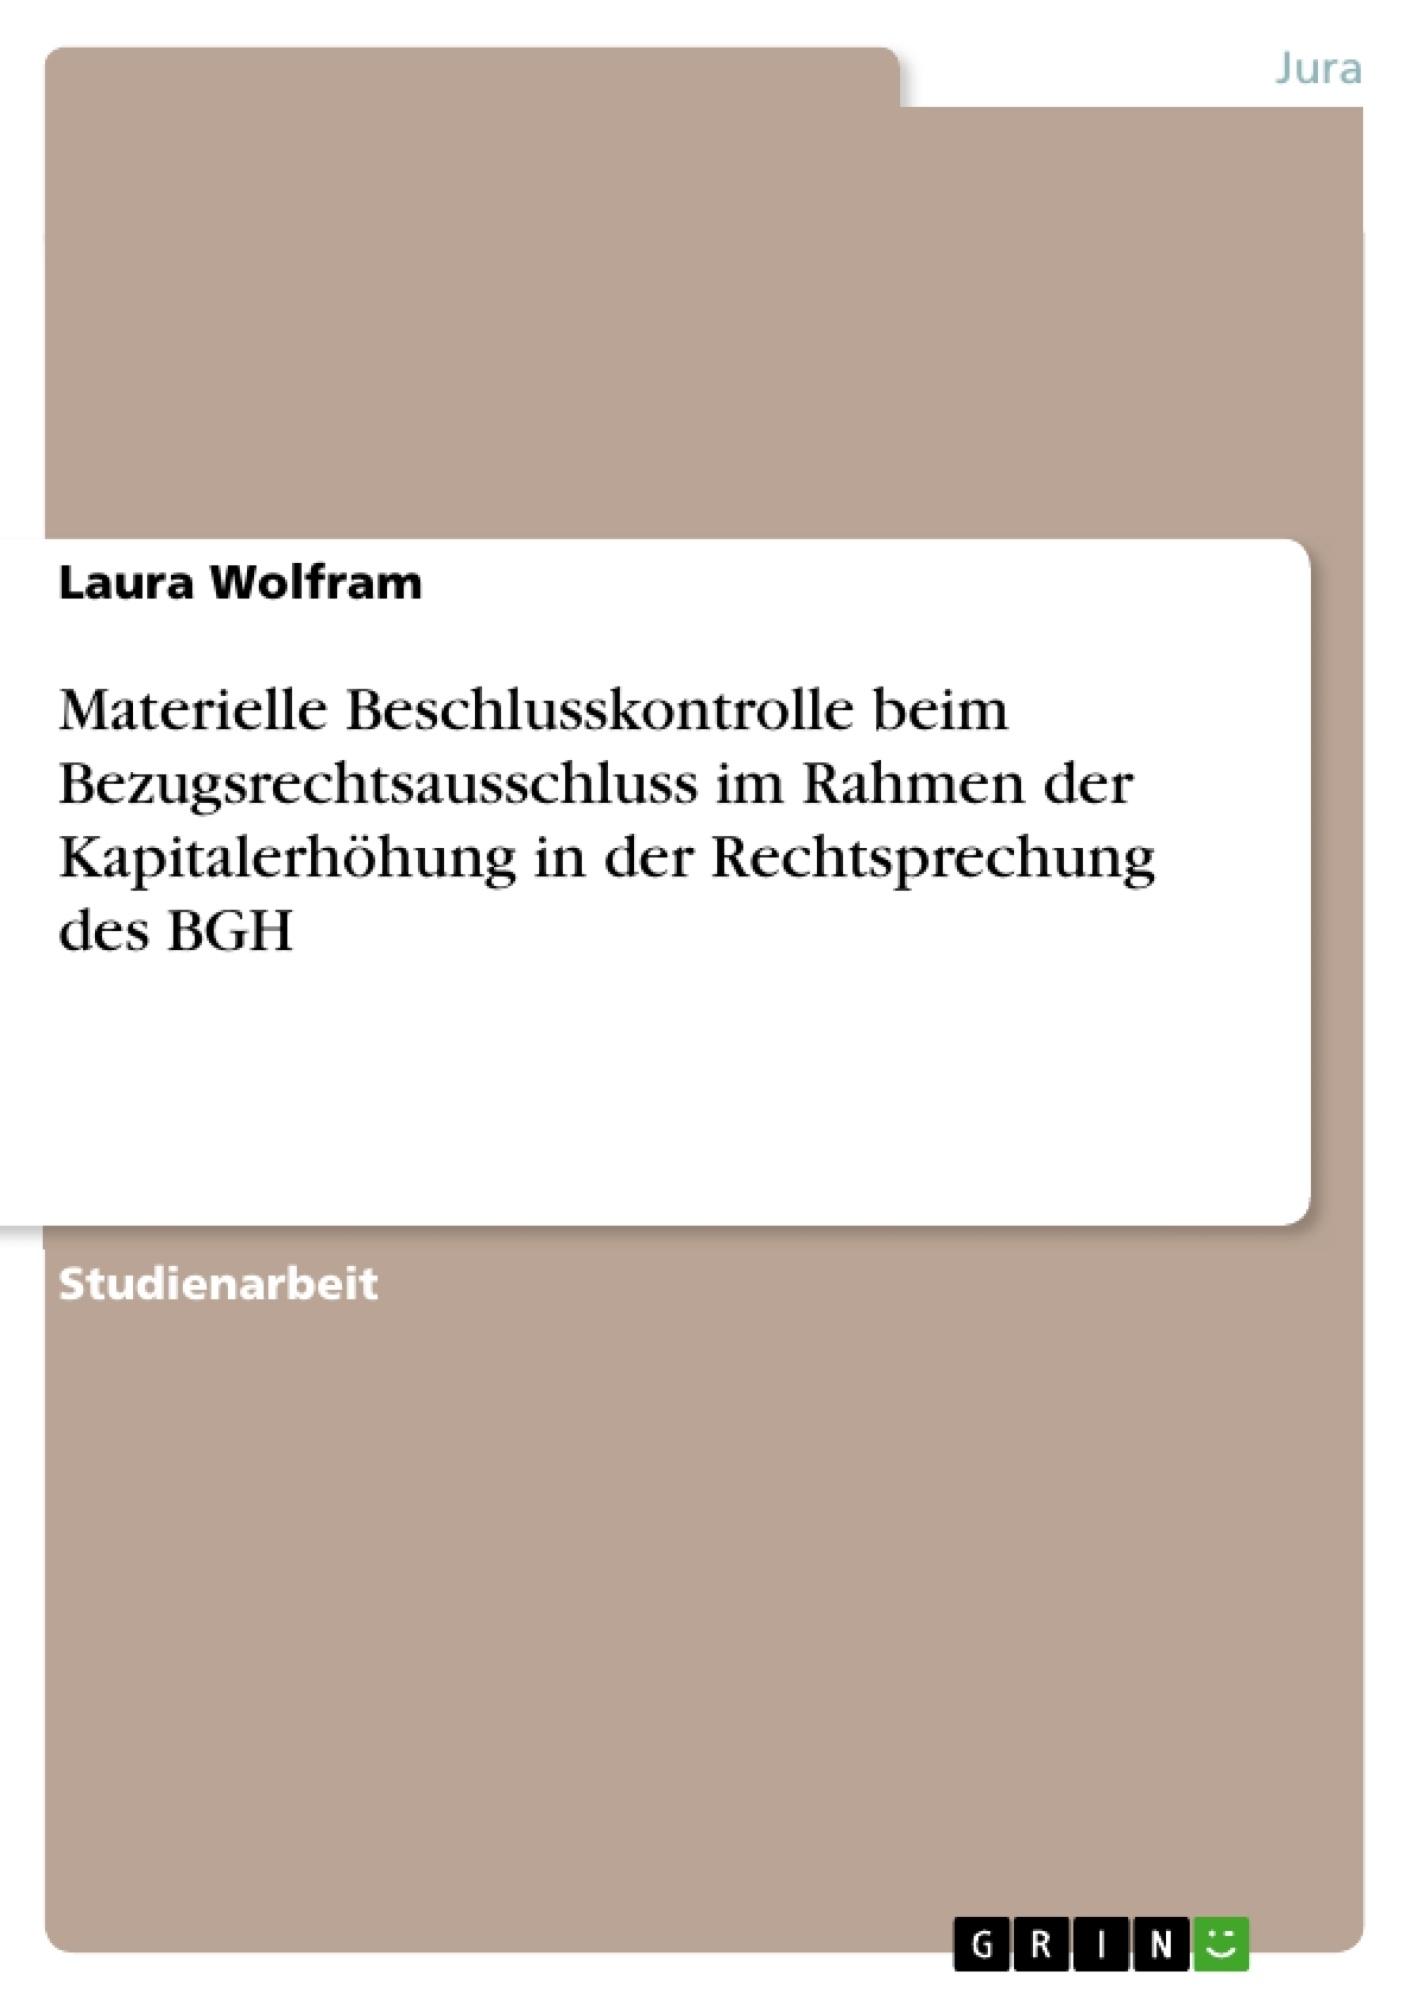 Titel: Materielle Beschlusskontrolle beim Bezugsrechtsausschluss im Rahmen der Kapitalerhöhung in der Rechtsprechung des BGH